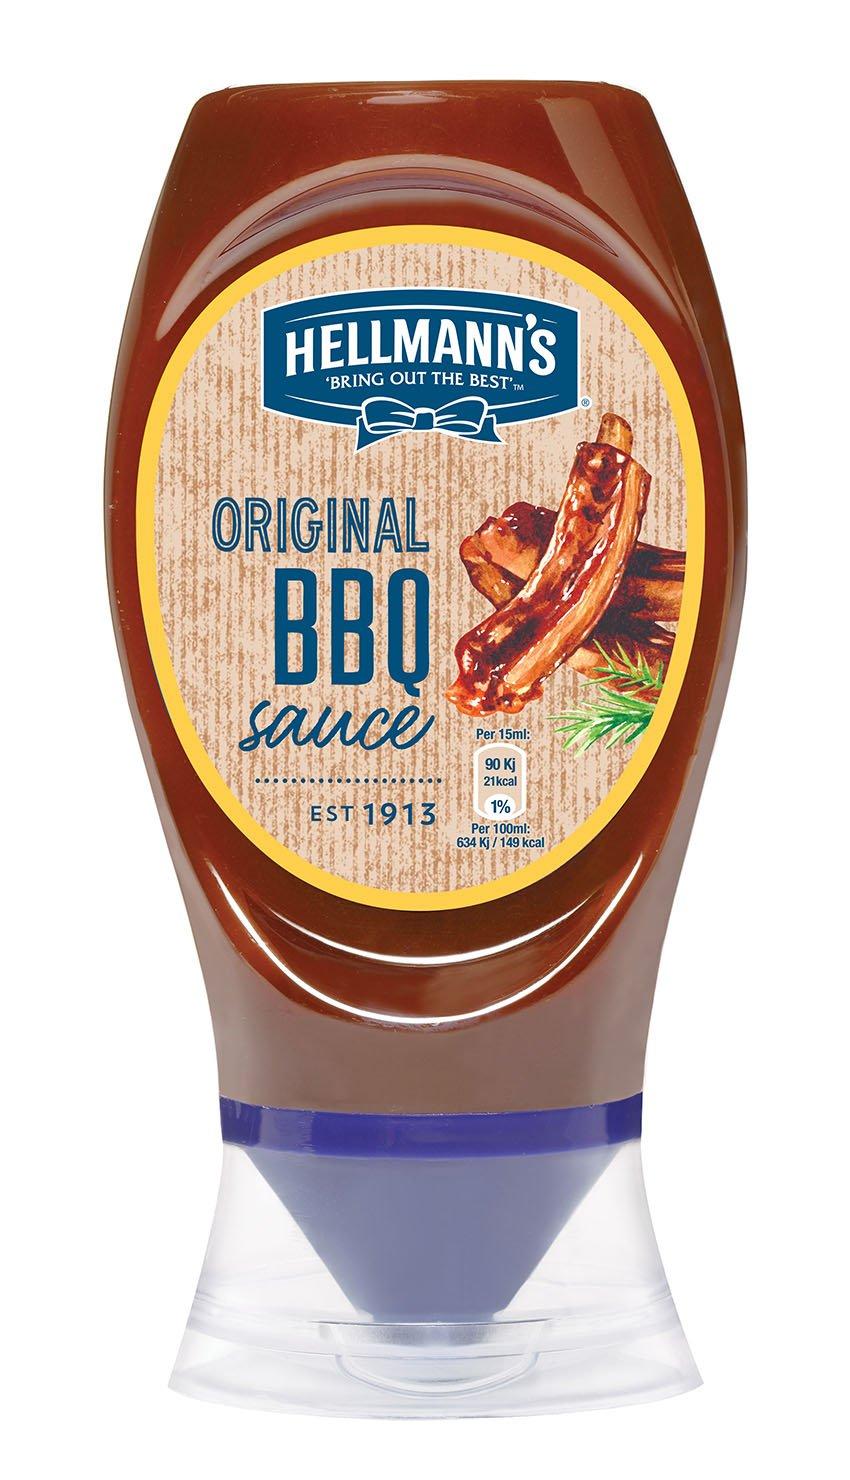 HELLMANN'S BBQ szósz flakonos